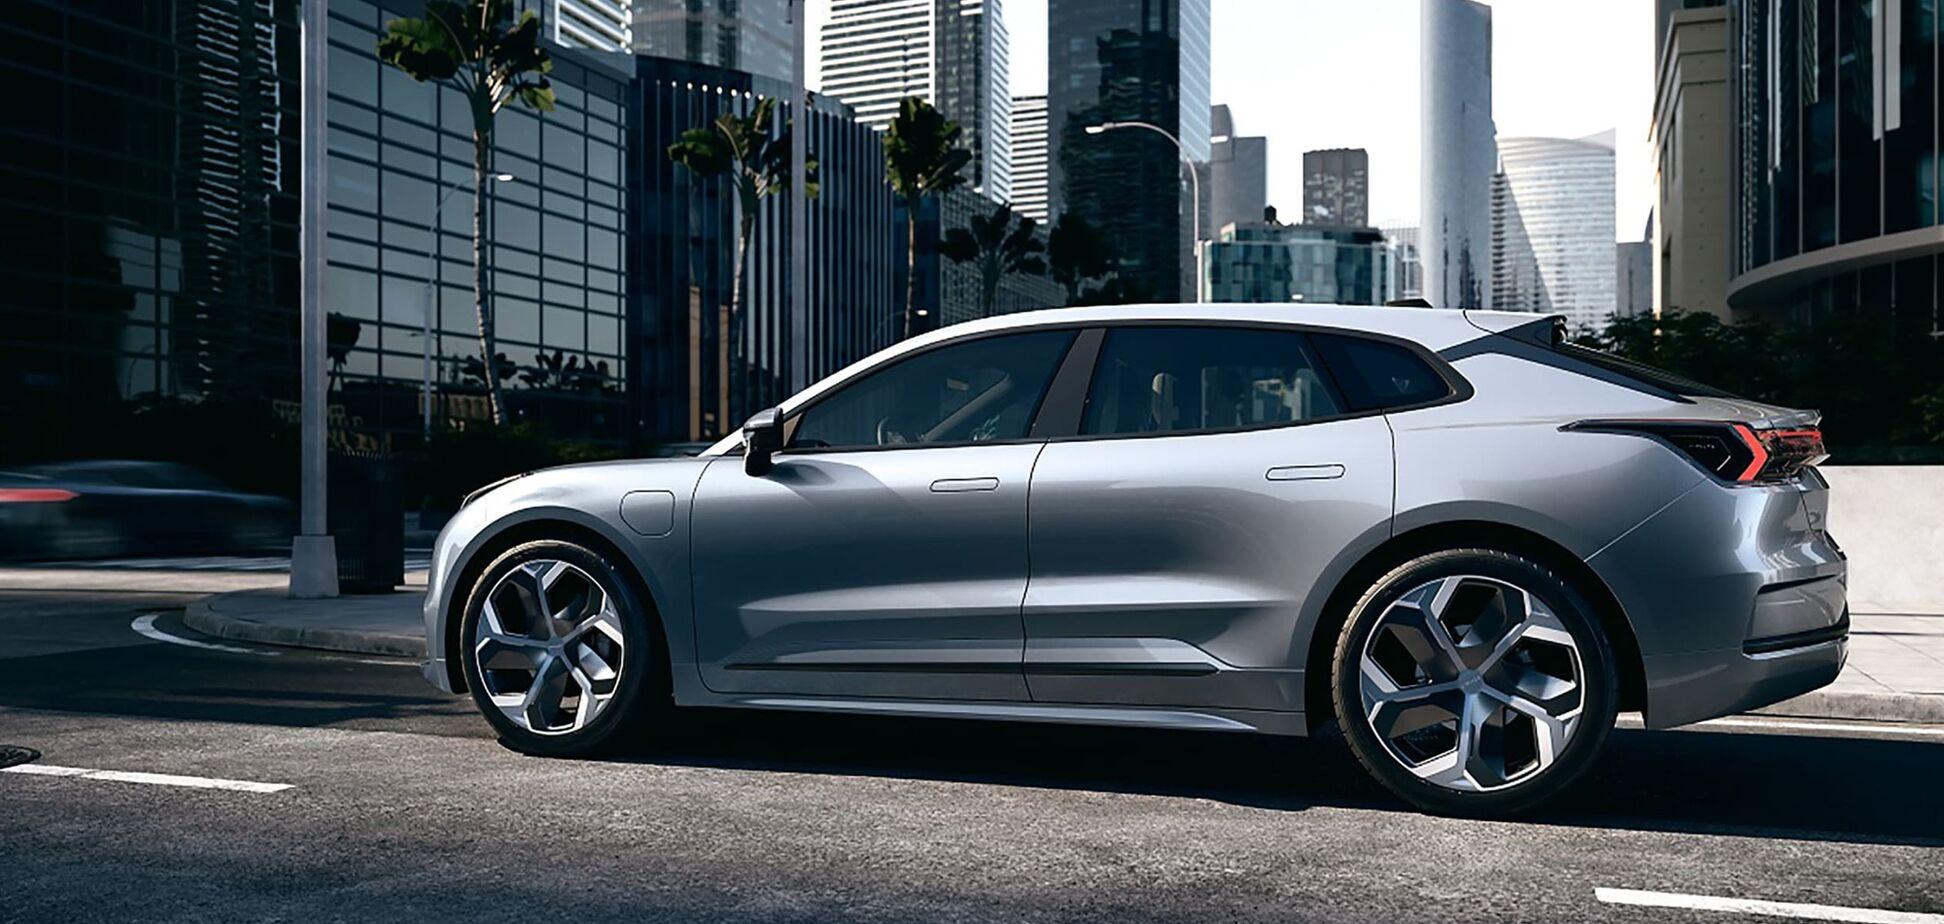 Geely випустила електромобіль в стилі Porsche із запасом ходу 700 км